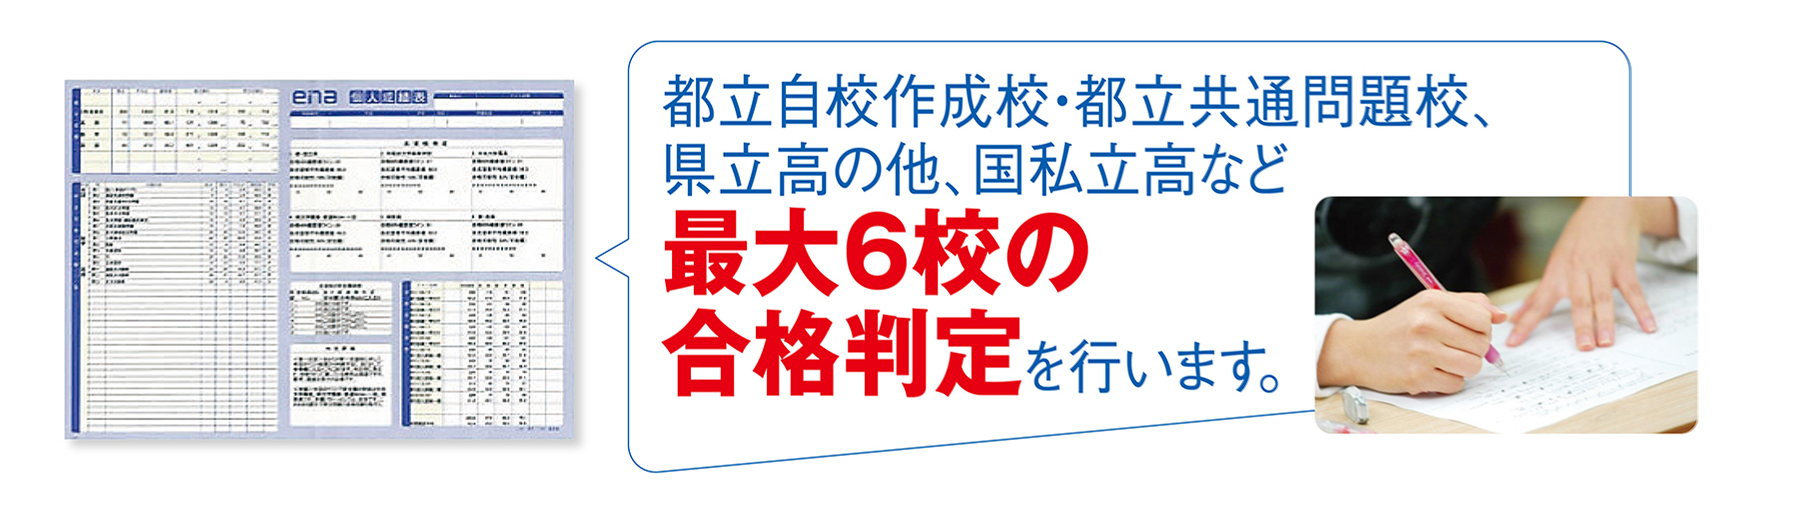 c1c2goushin2021_10_02